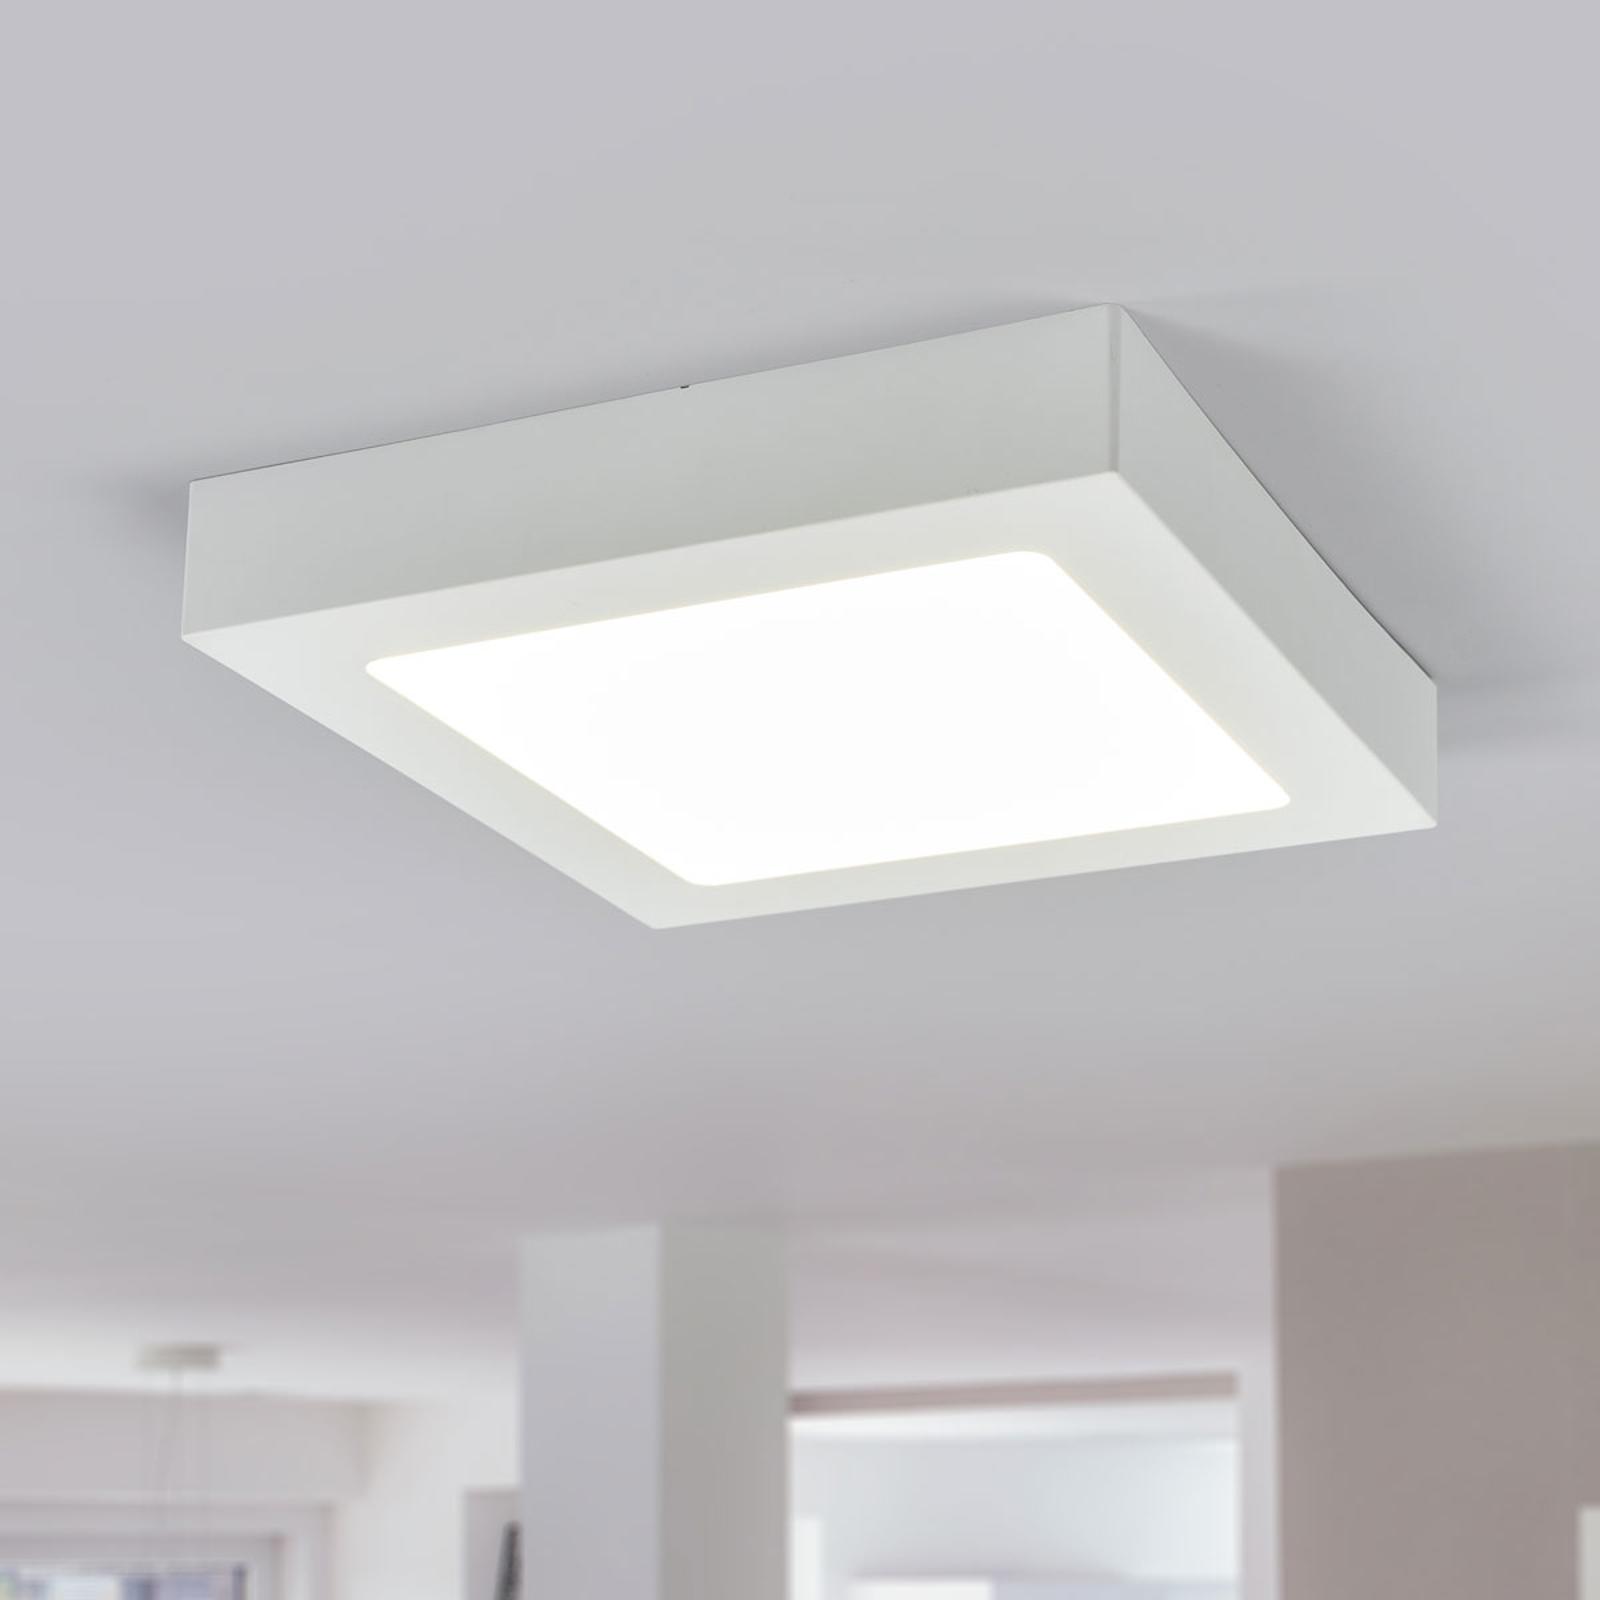 LED plafondlamp Marlo wit 4.000K hoekig 23,1 cm